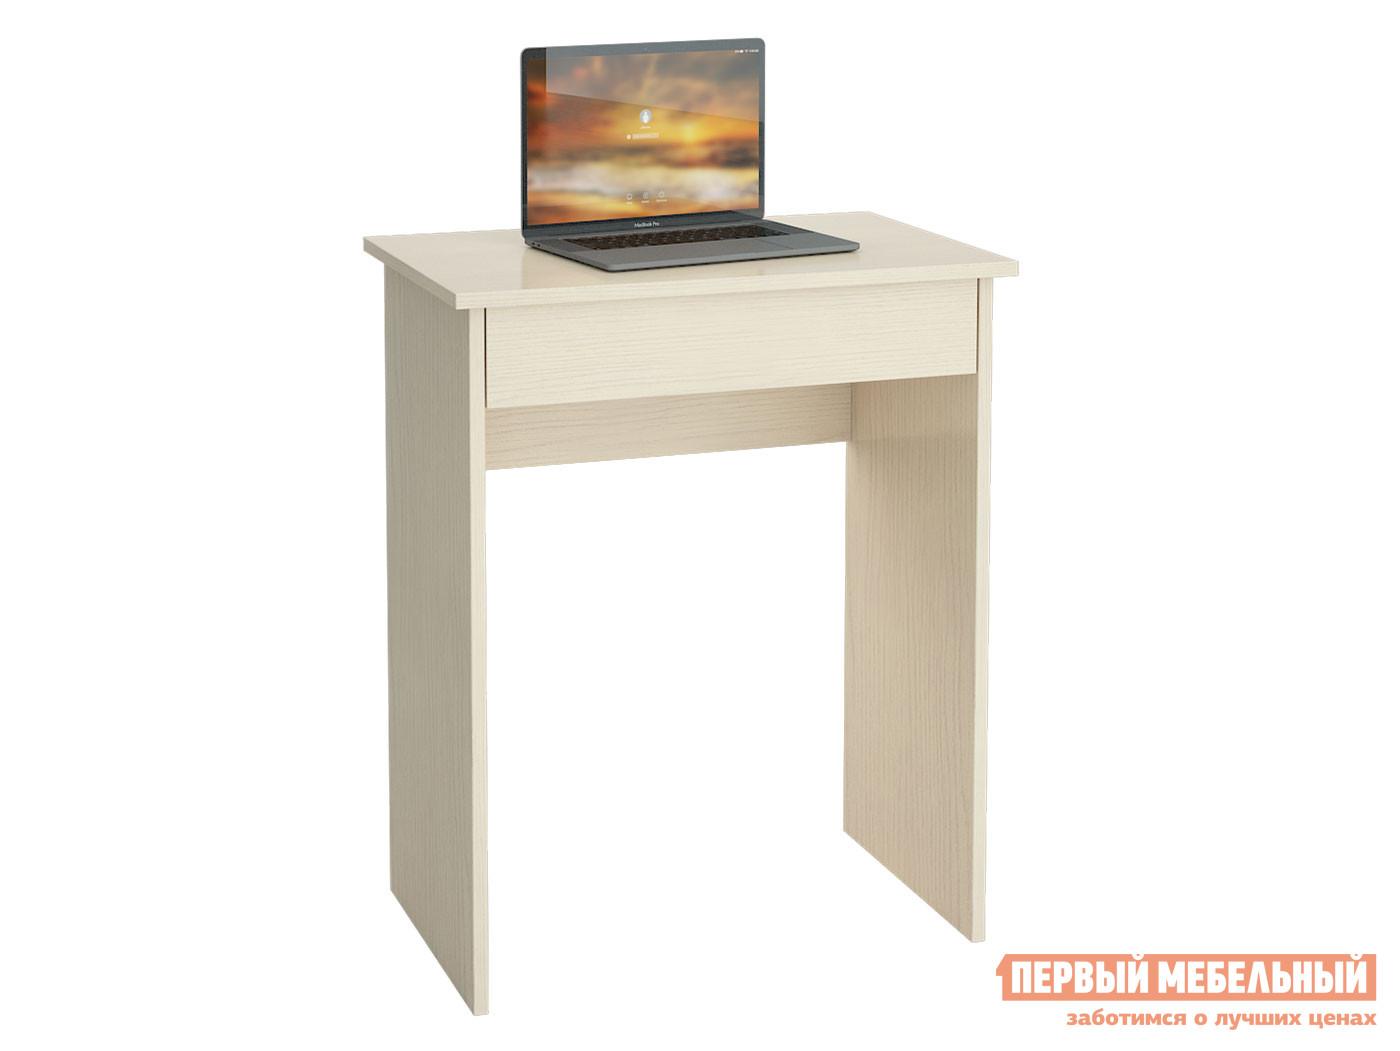 Письменный стол  Милан-64Я Дуб молочный МФ Мастер 126297